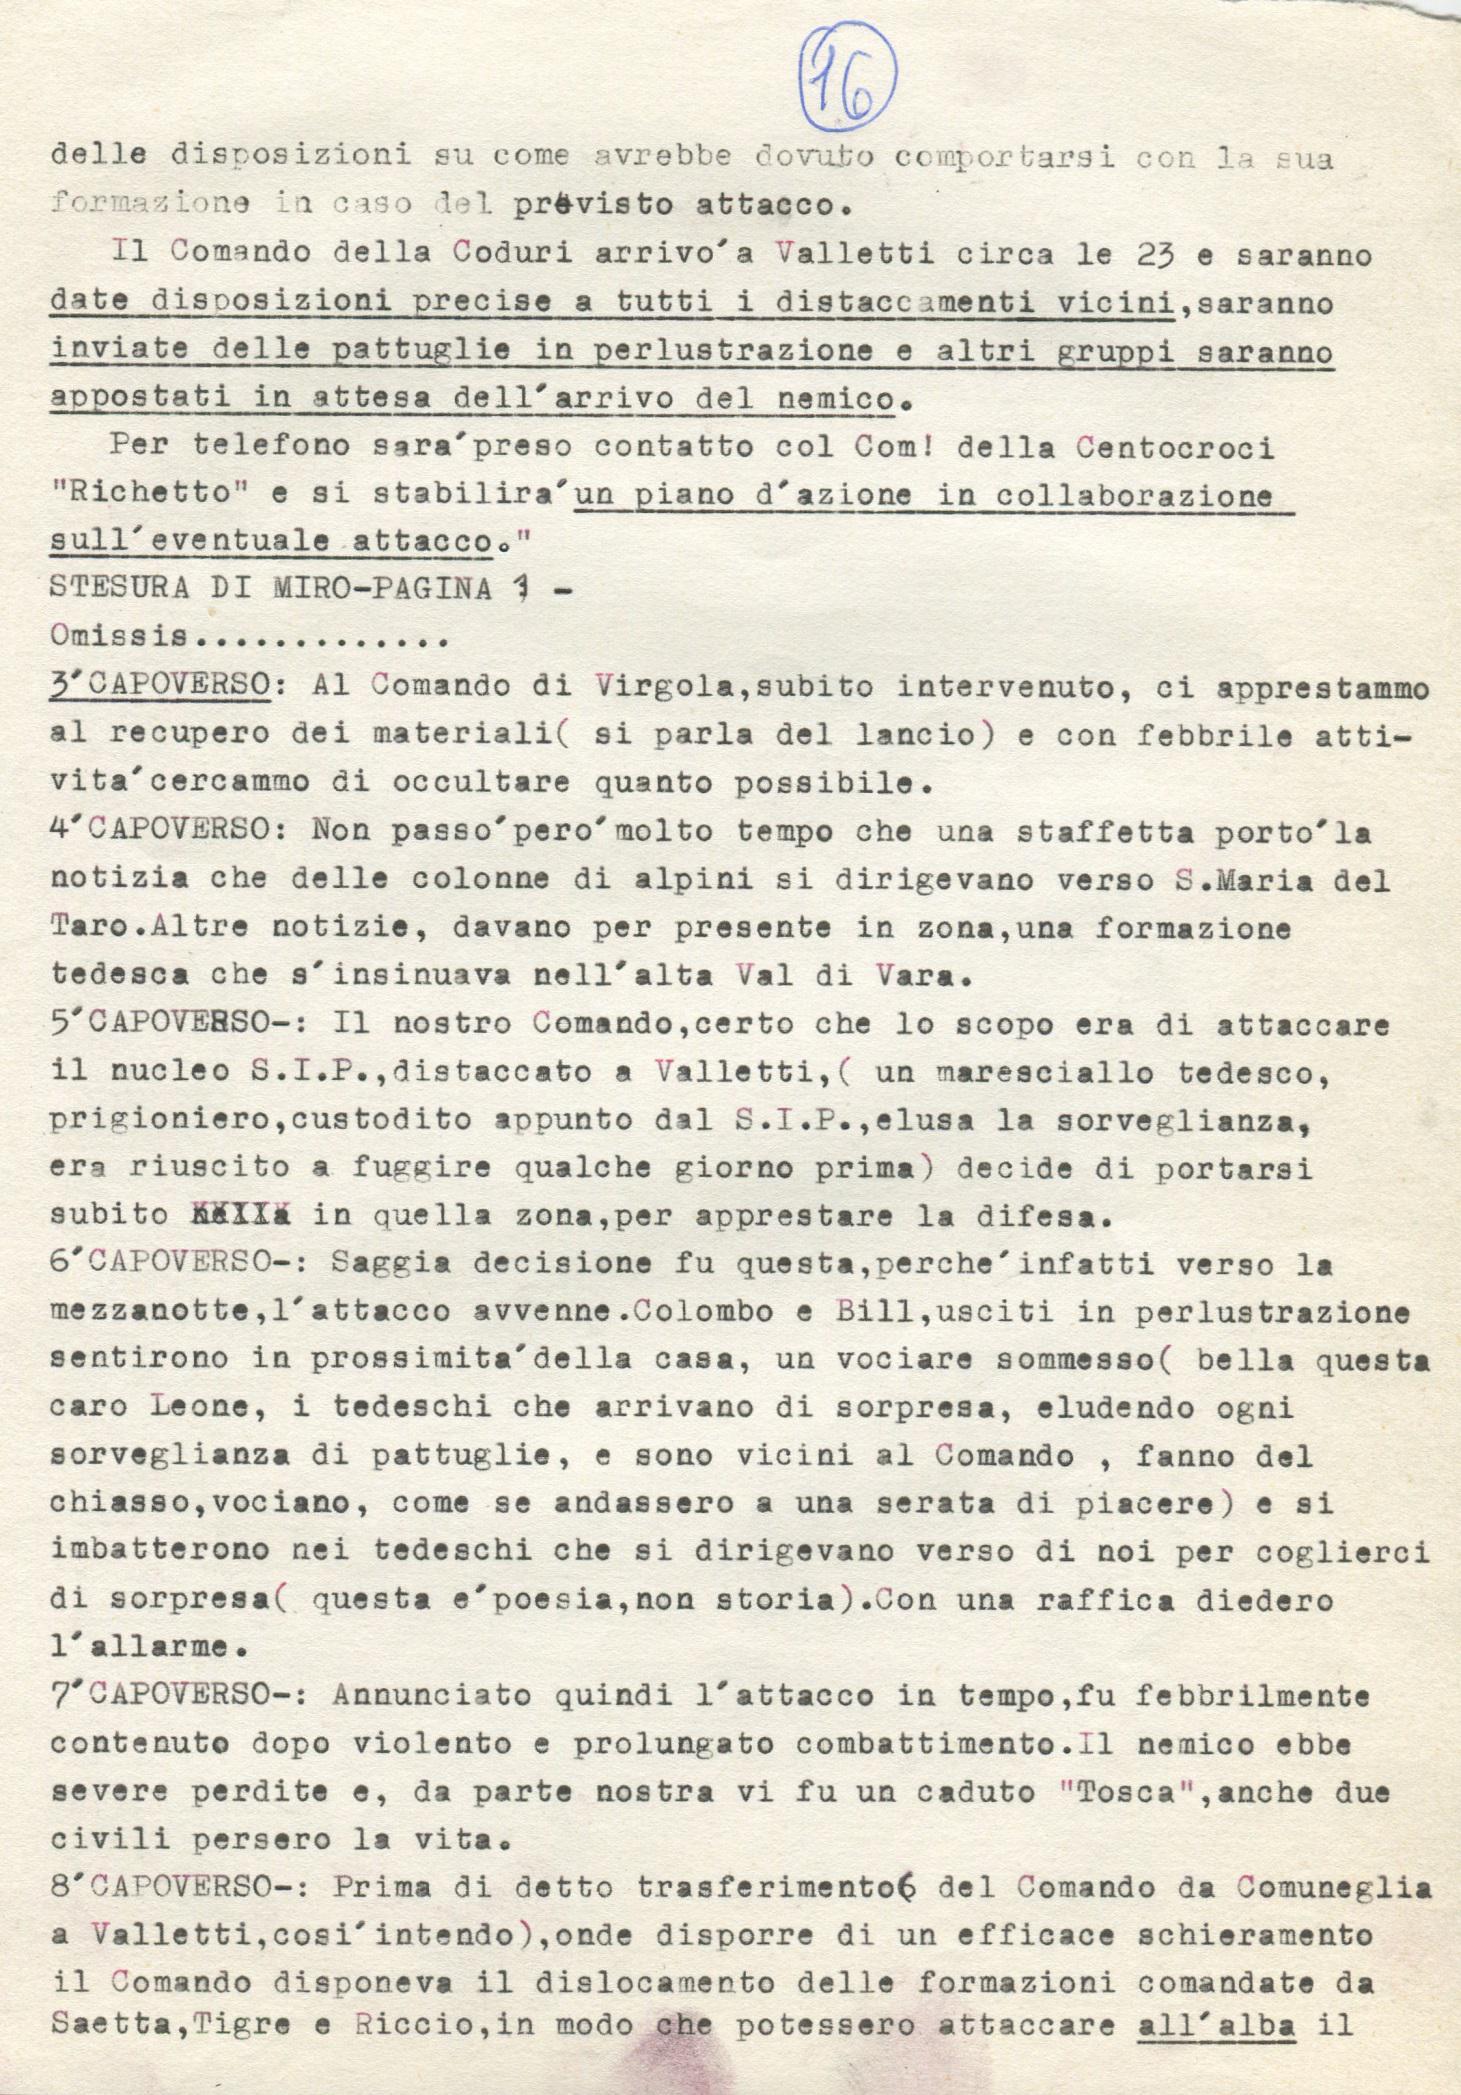 Lettera di Amato Berti a Bruno Monti Leone pag, 16